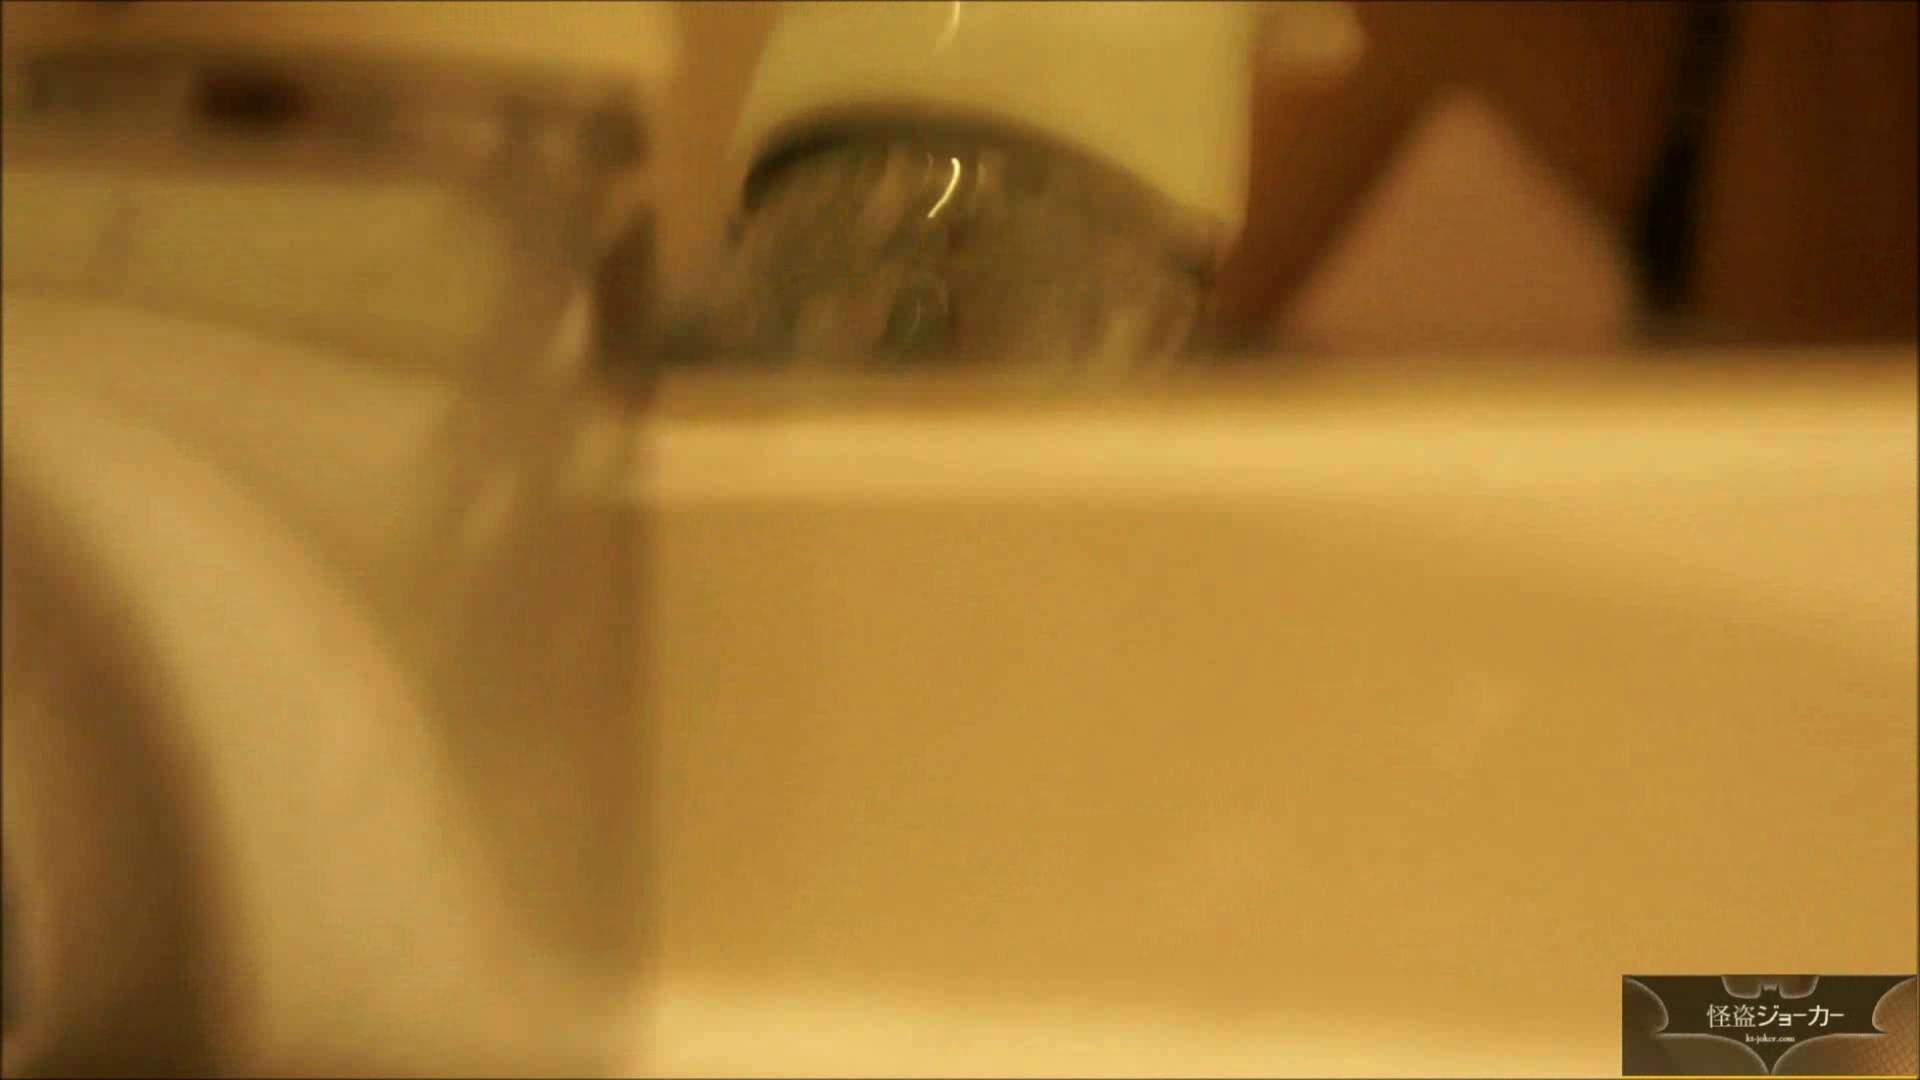 【未公開】vol.36 【援助】鏡越しの朋葉を見ながら・・・ 丸見え 戯れ無修正画像 64画像 38